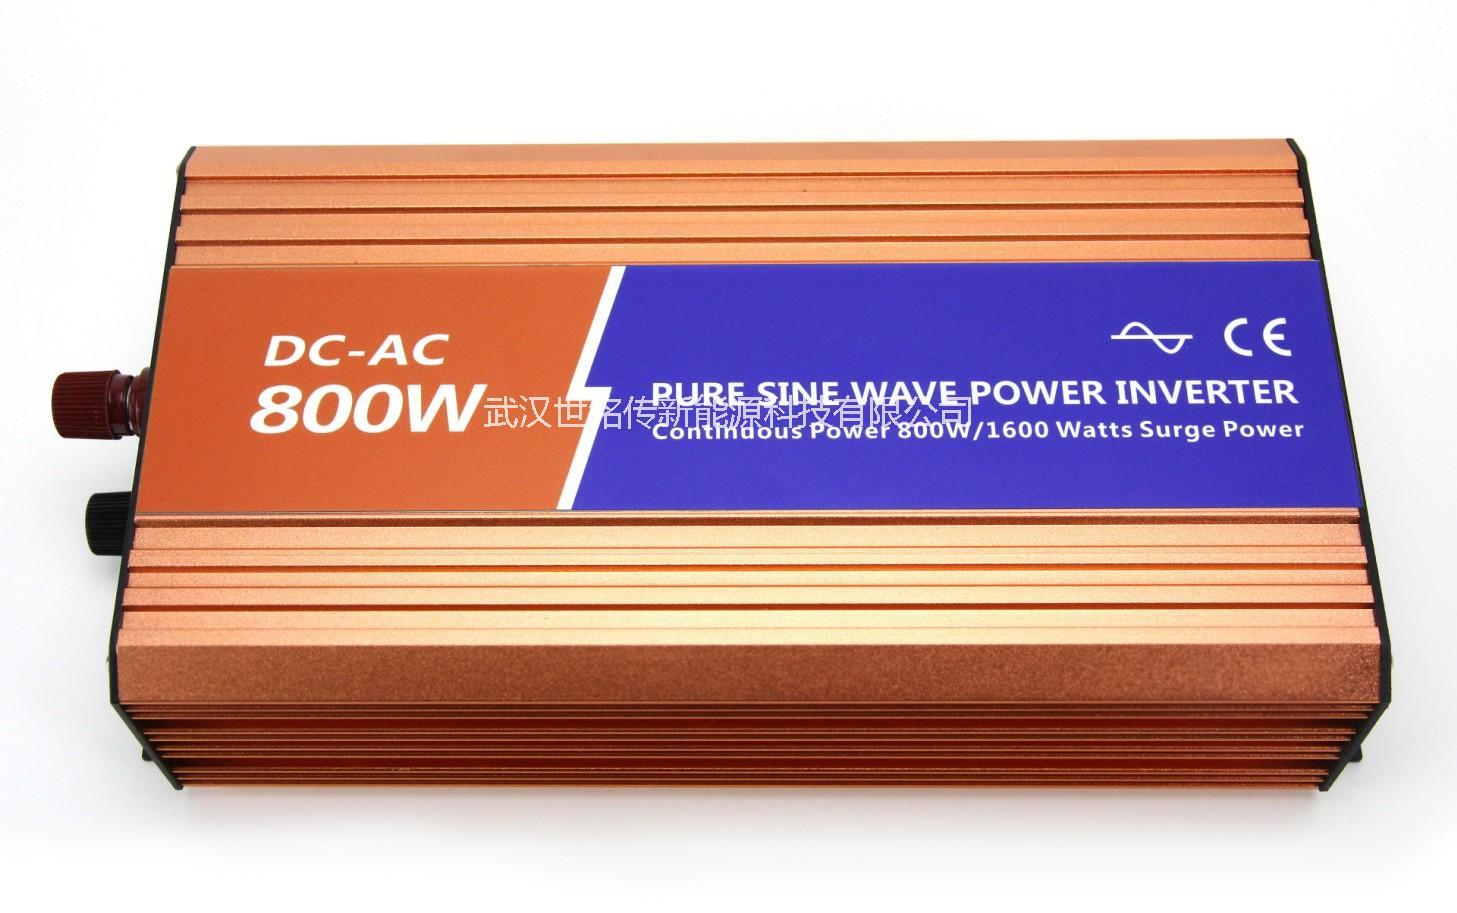 供应800W离网高频纯正弦波逆变器输入12V/24V/48V转输出110V/220V